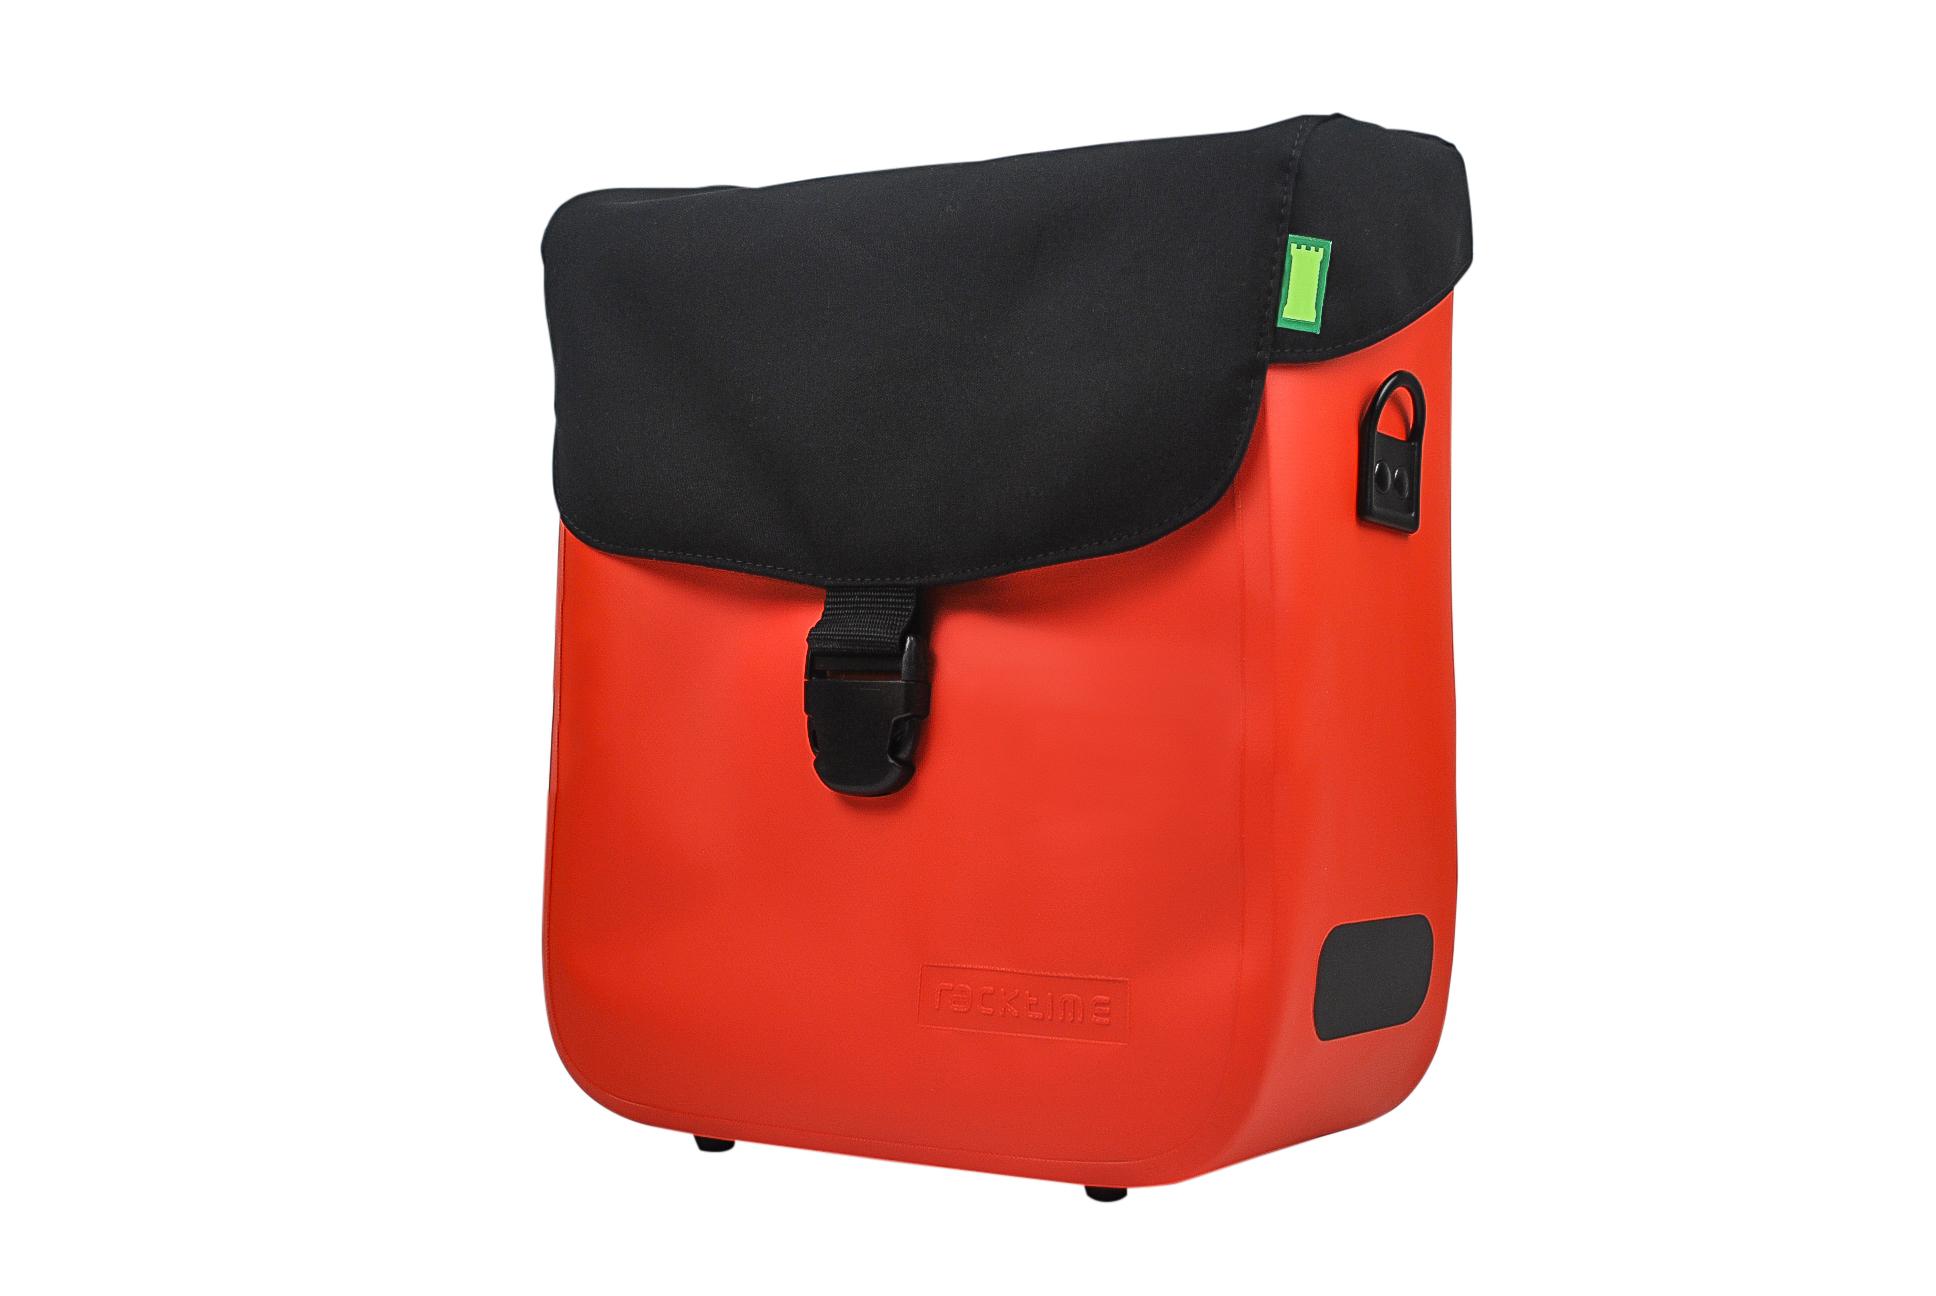 Deckeltasche Tommy (IP63) wird in lavaorange, basaltgrau und onyxschwarz angeboten.